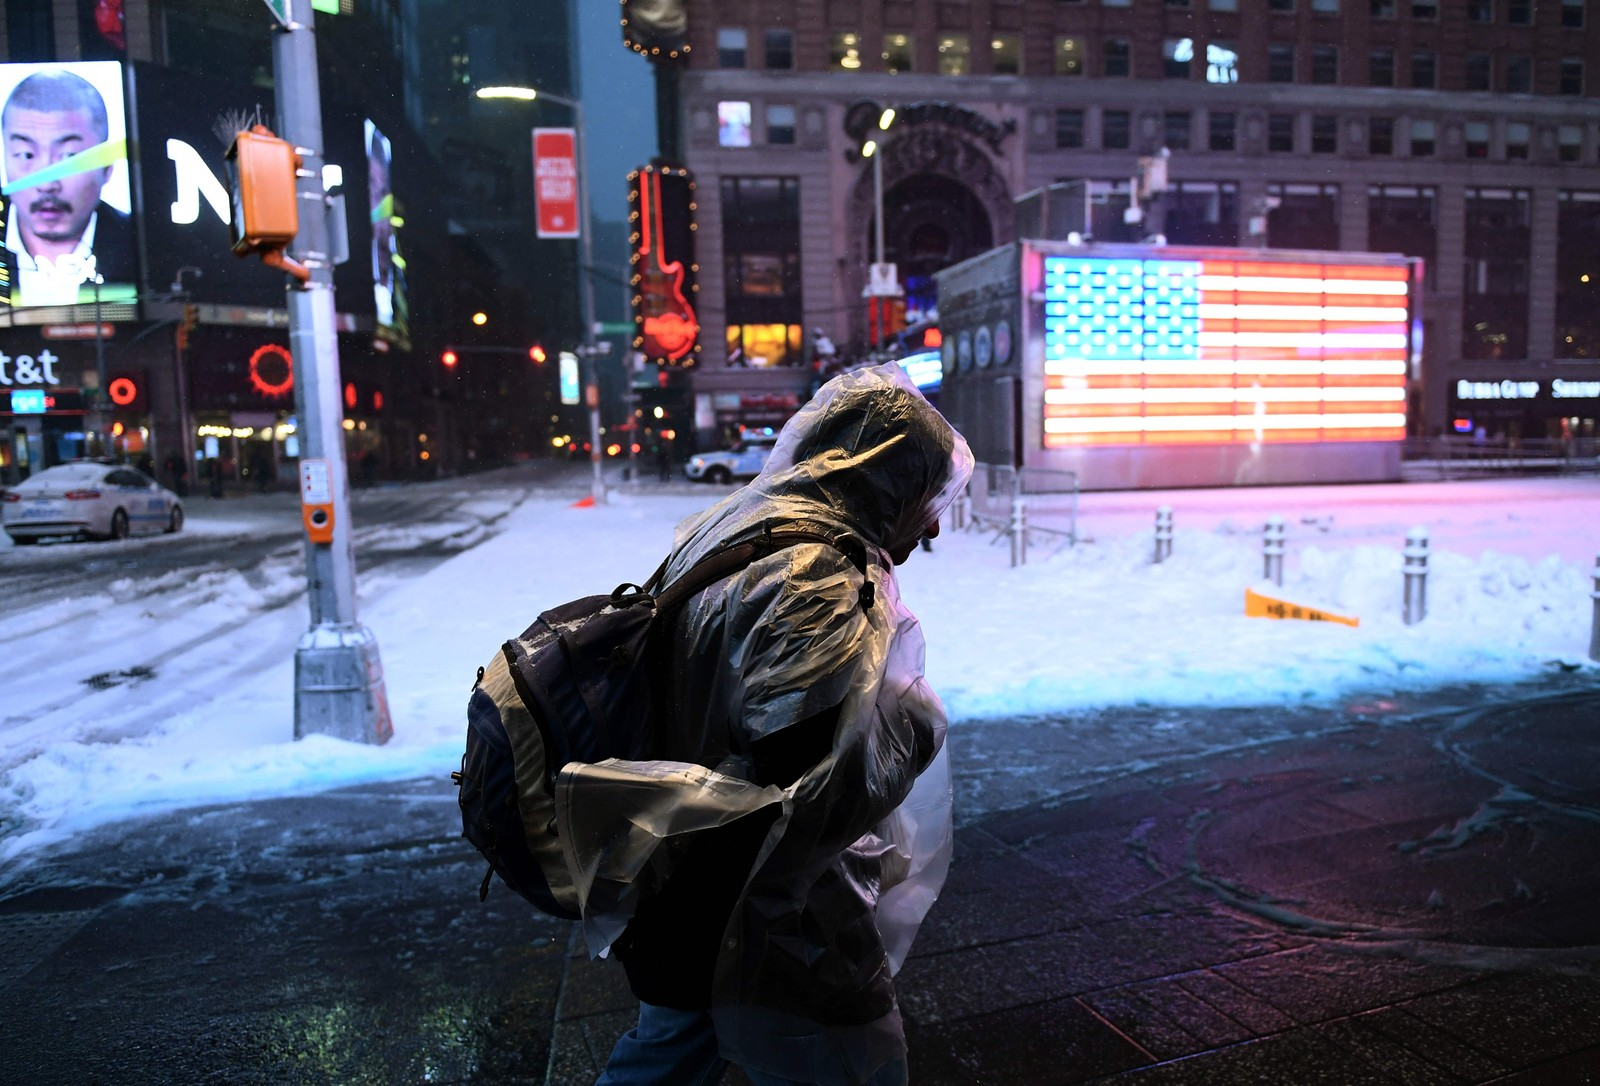 Tirsdag morgen var Times Square dekket av snø. Det er ventet minst 60 cm snø i millionbyen.